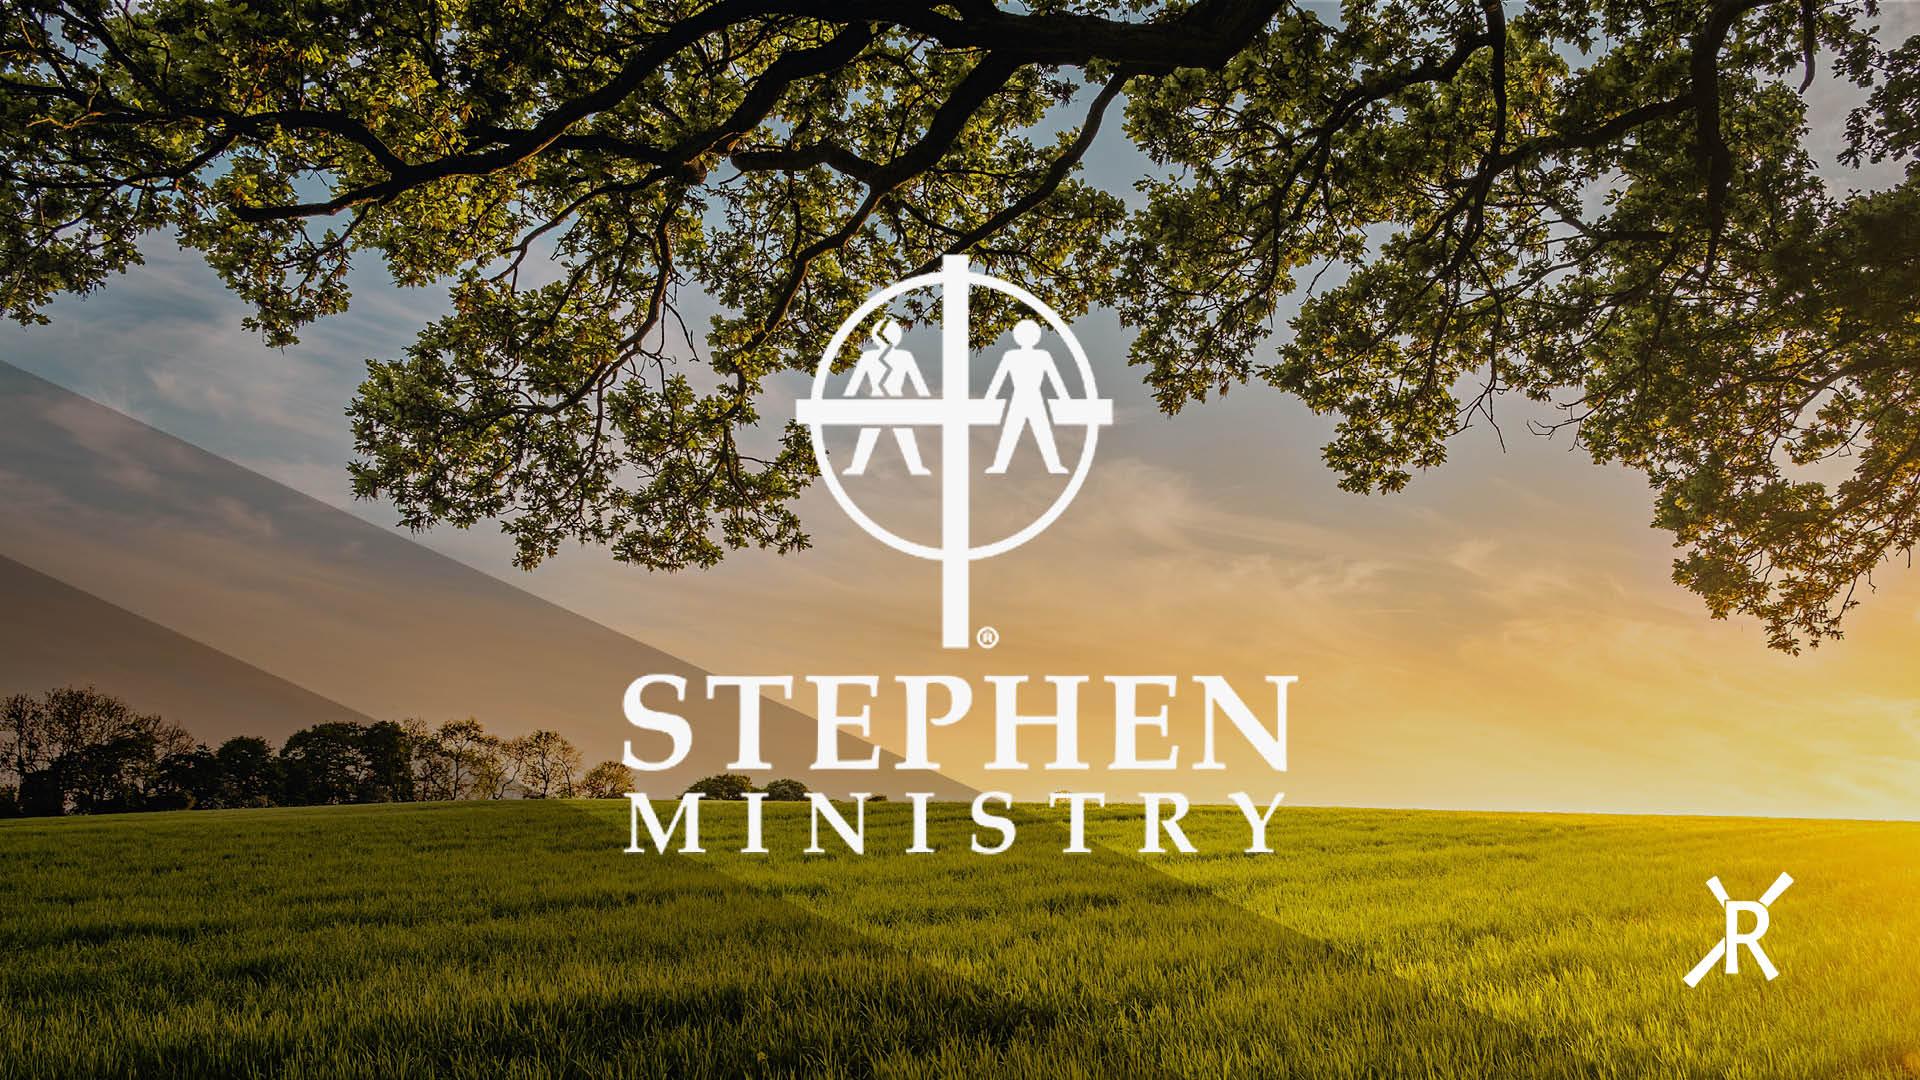 CR_website_Stephen Ministry.jpg